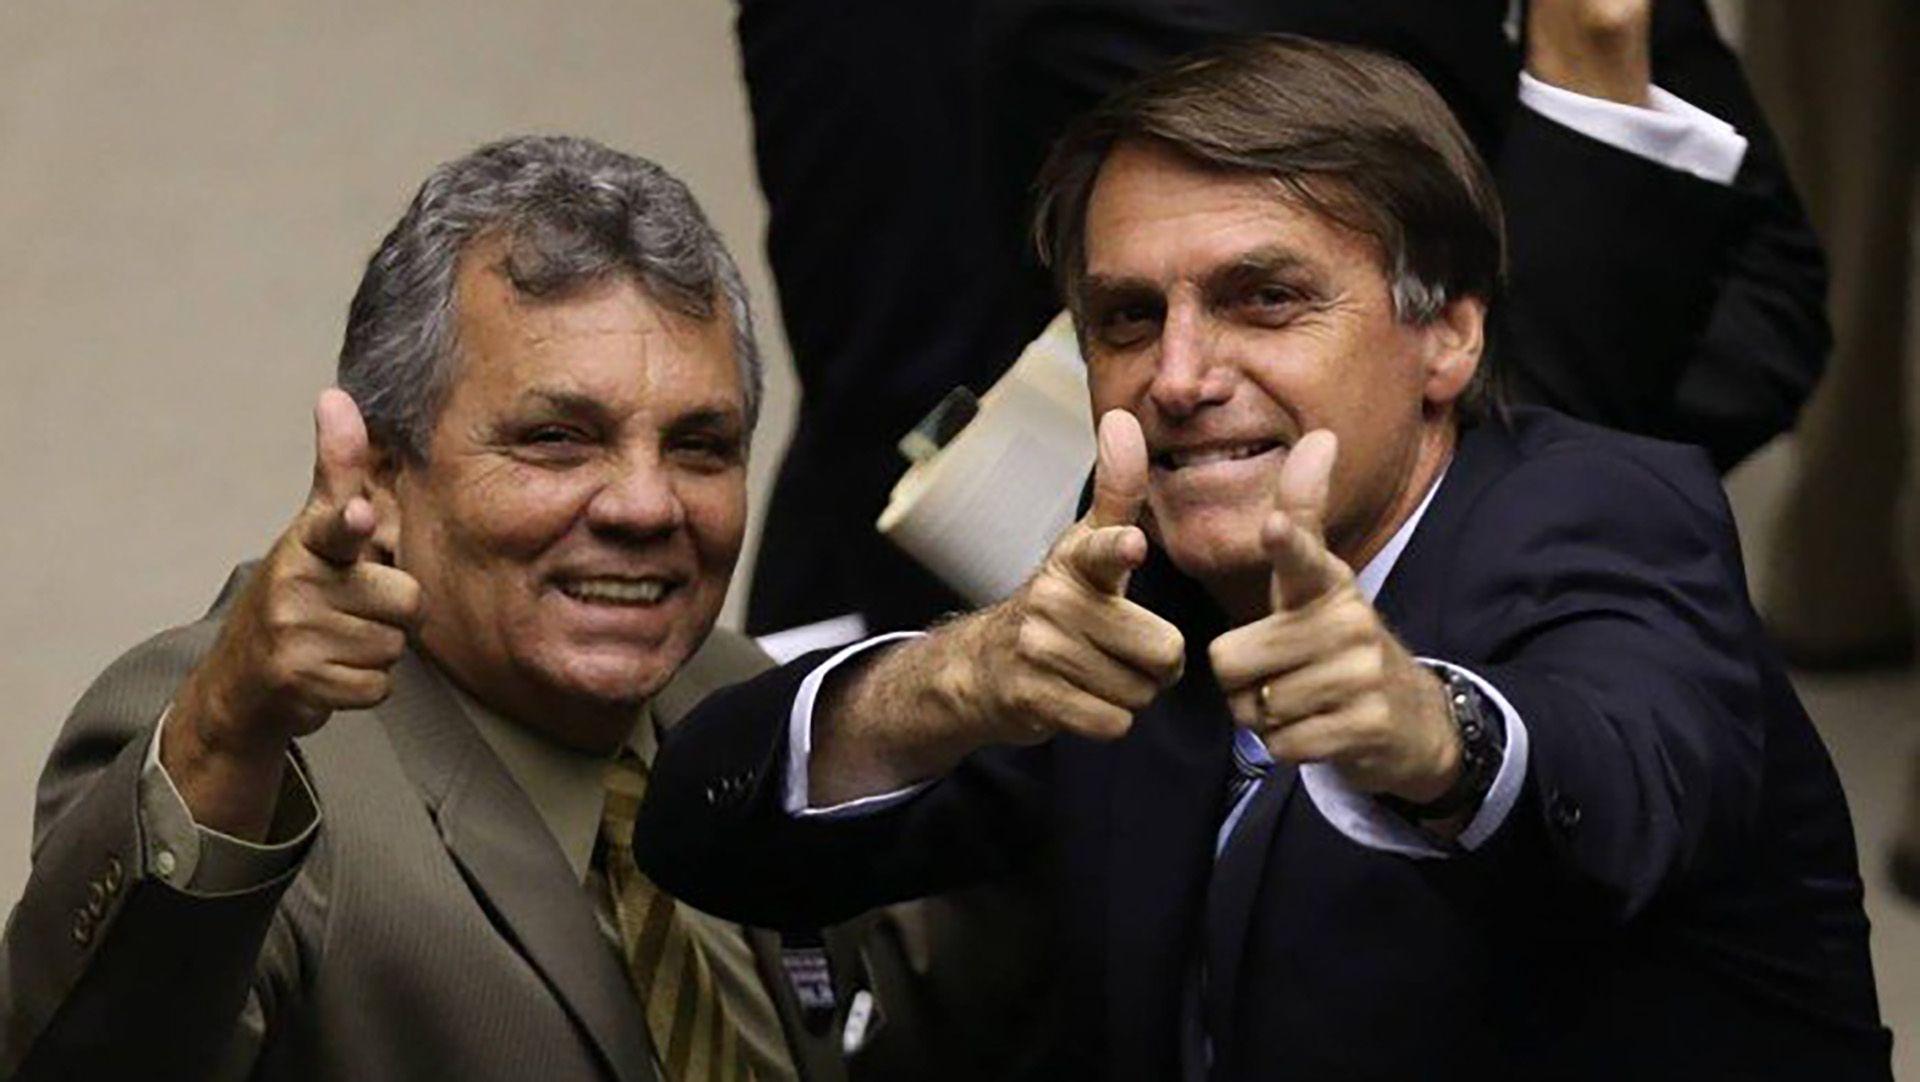 Bolsonaro, un gesto característico en el que simula un arma en la mano.